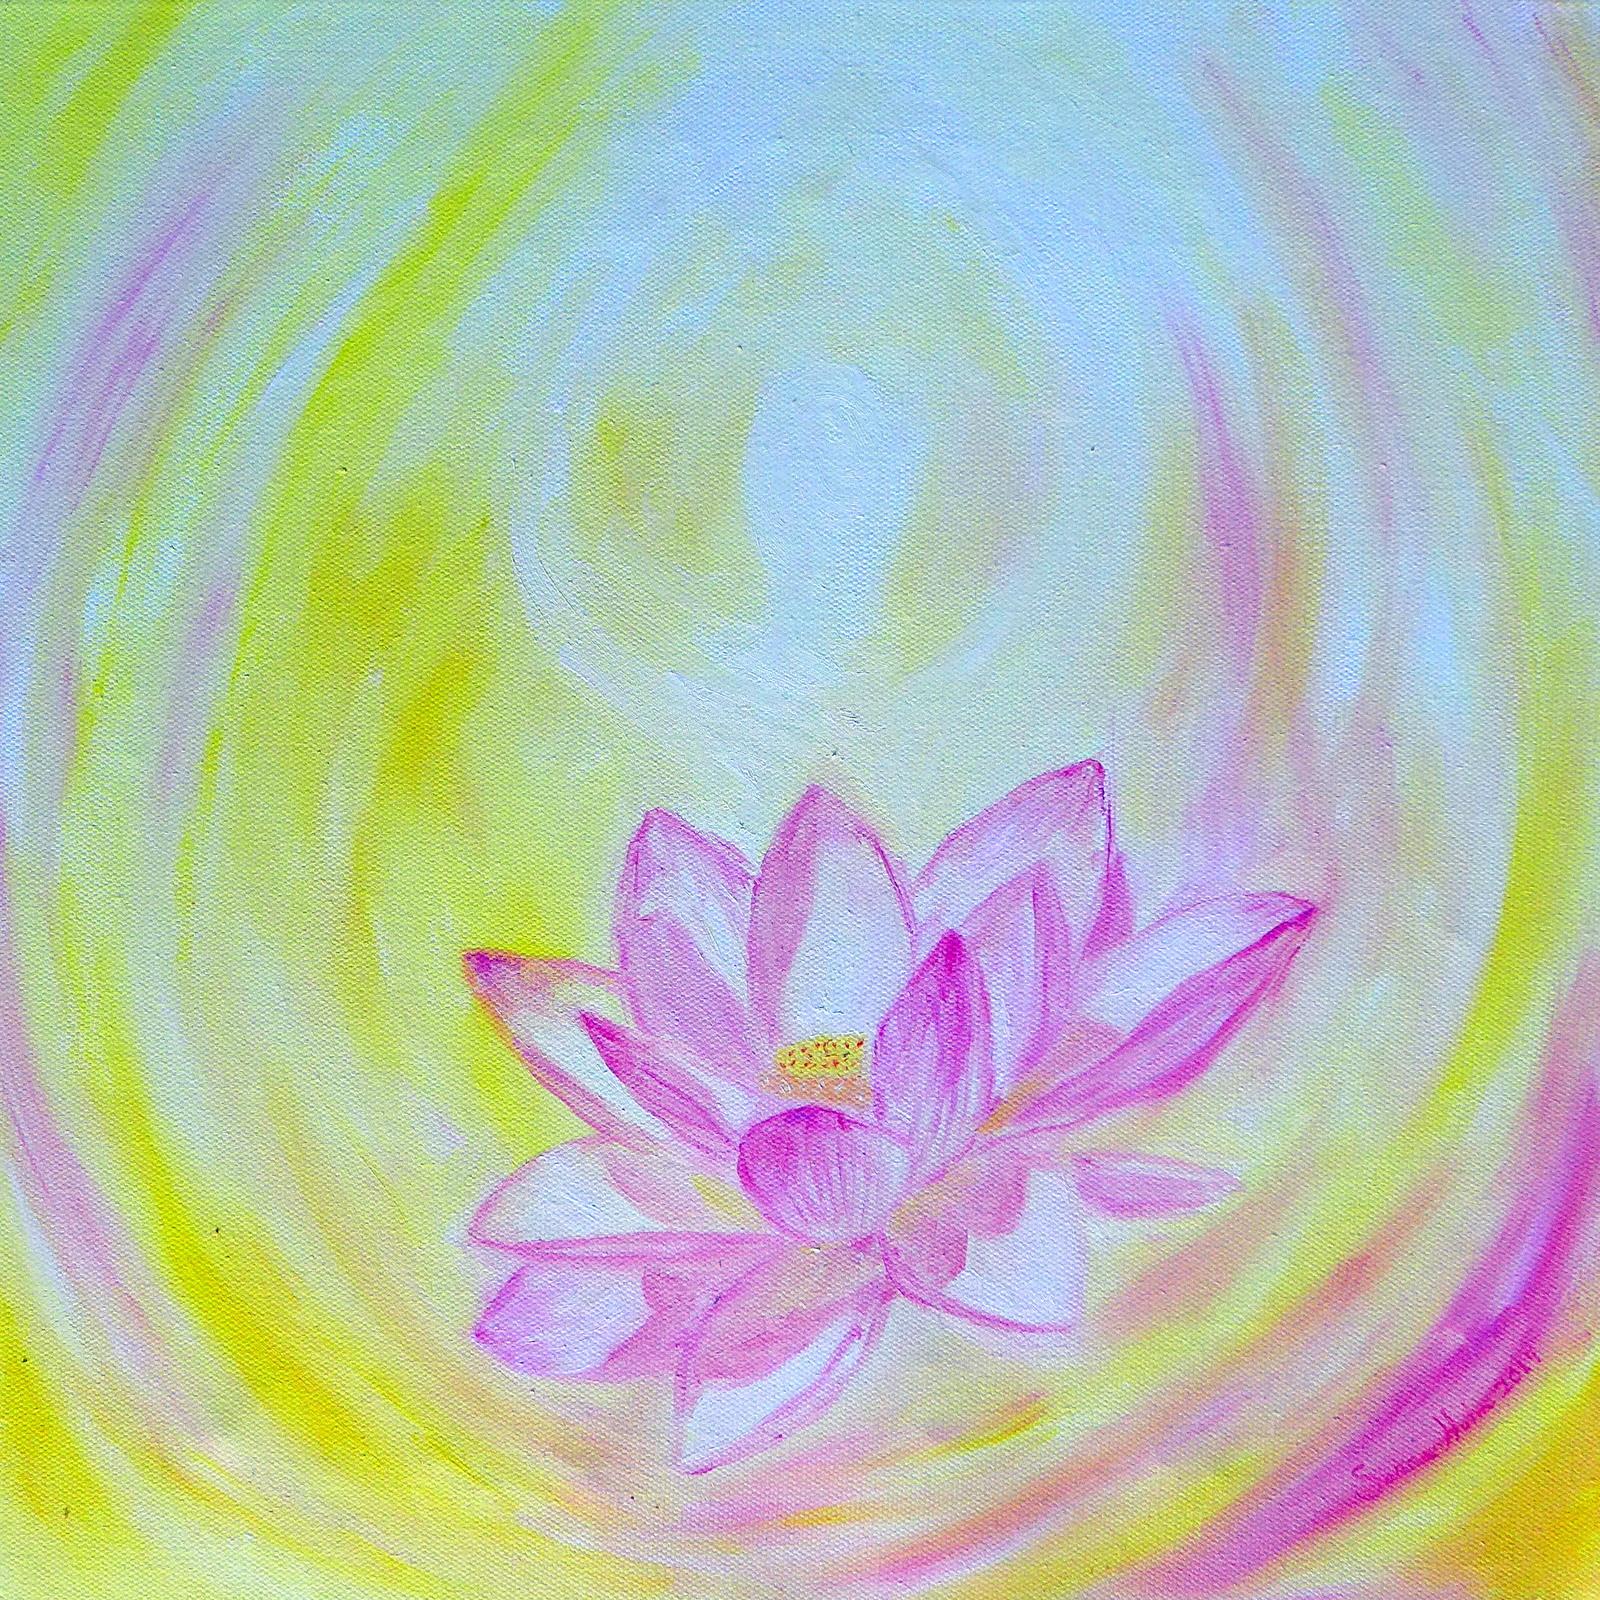 lotus deva - ©sanna holm 2014